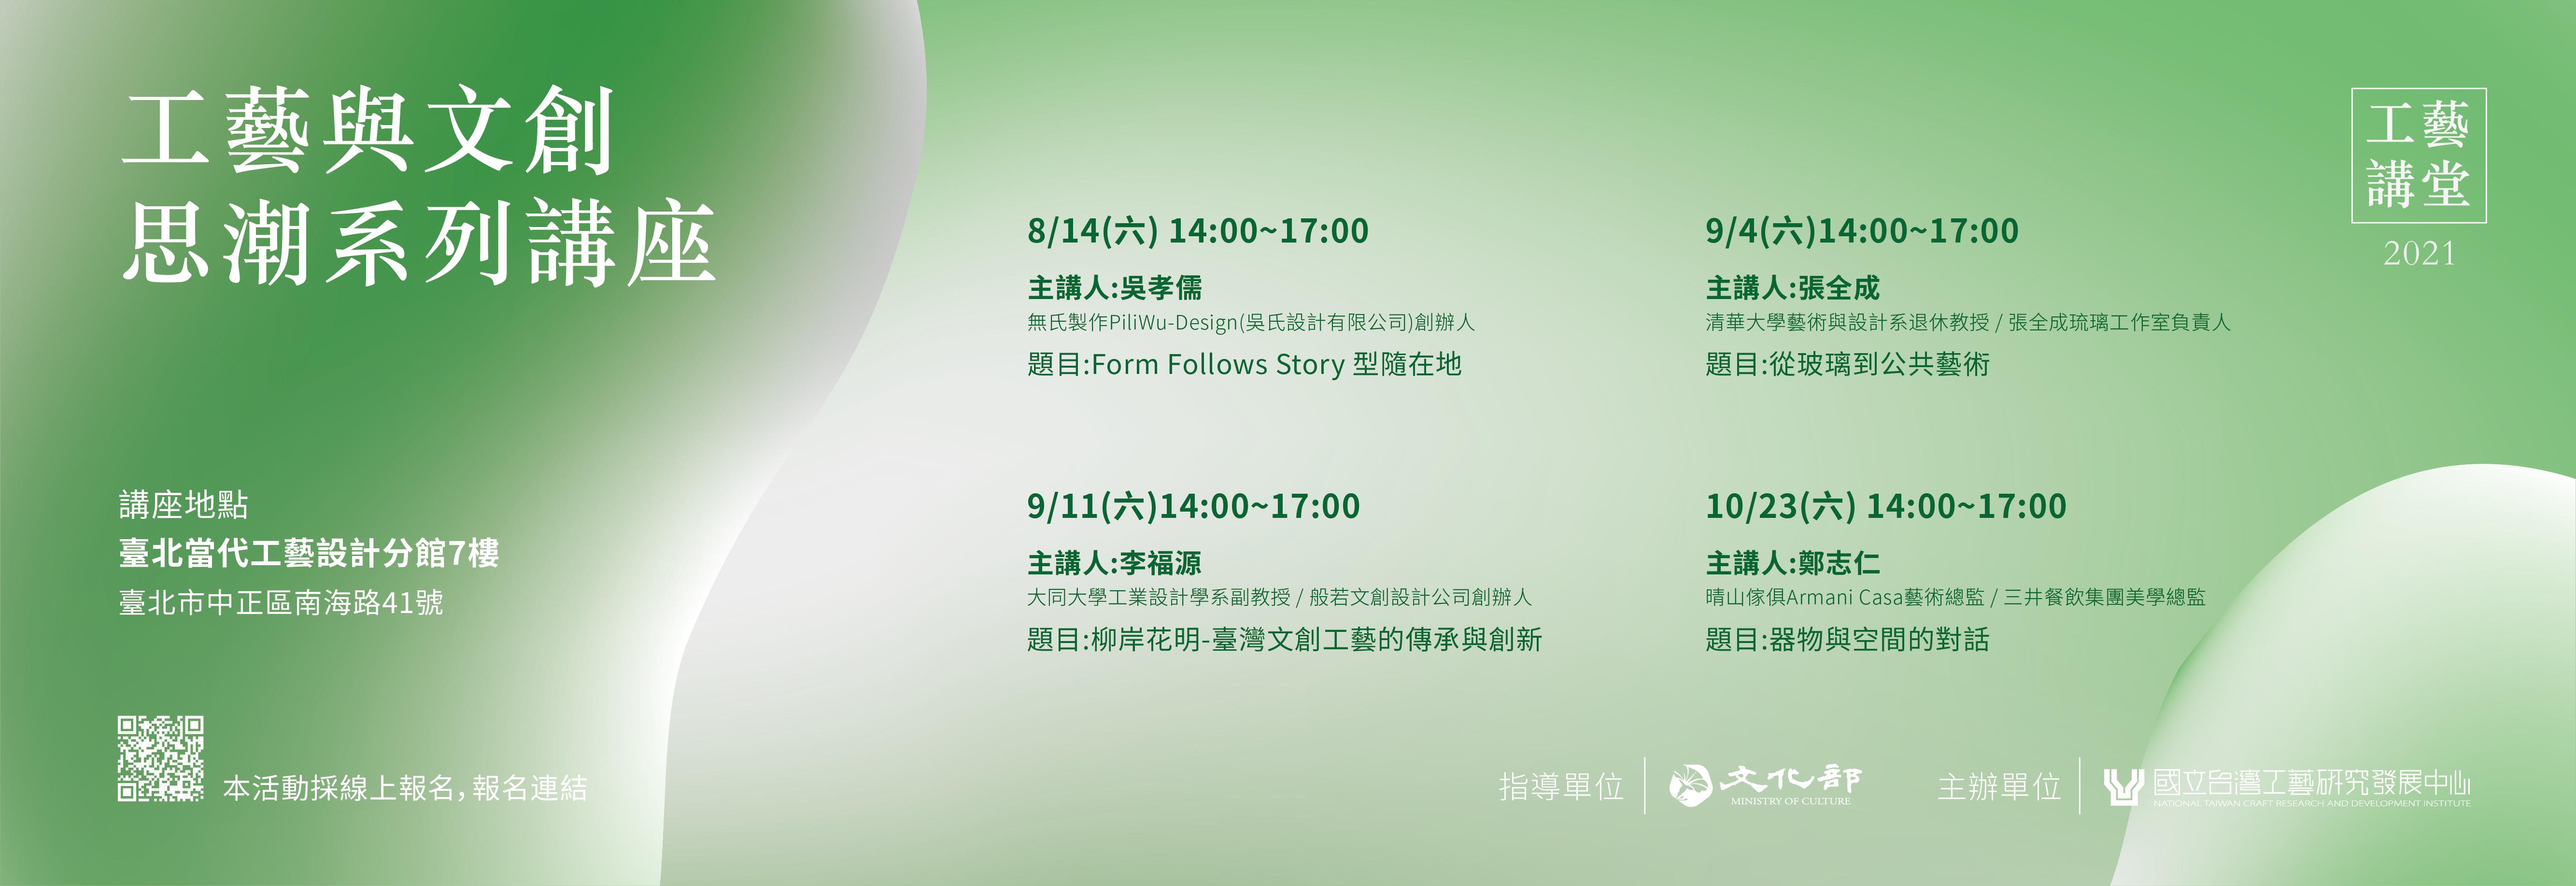 2021工藝講堂 「工藝與文創思潮系列講座」(8-10月)「另開新視窗」-pc